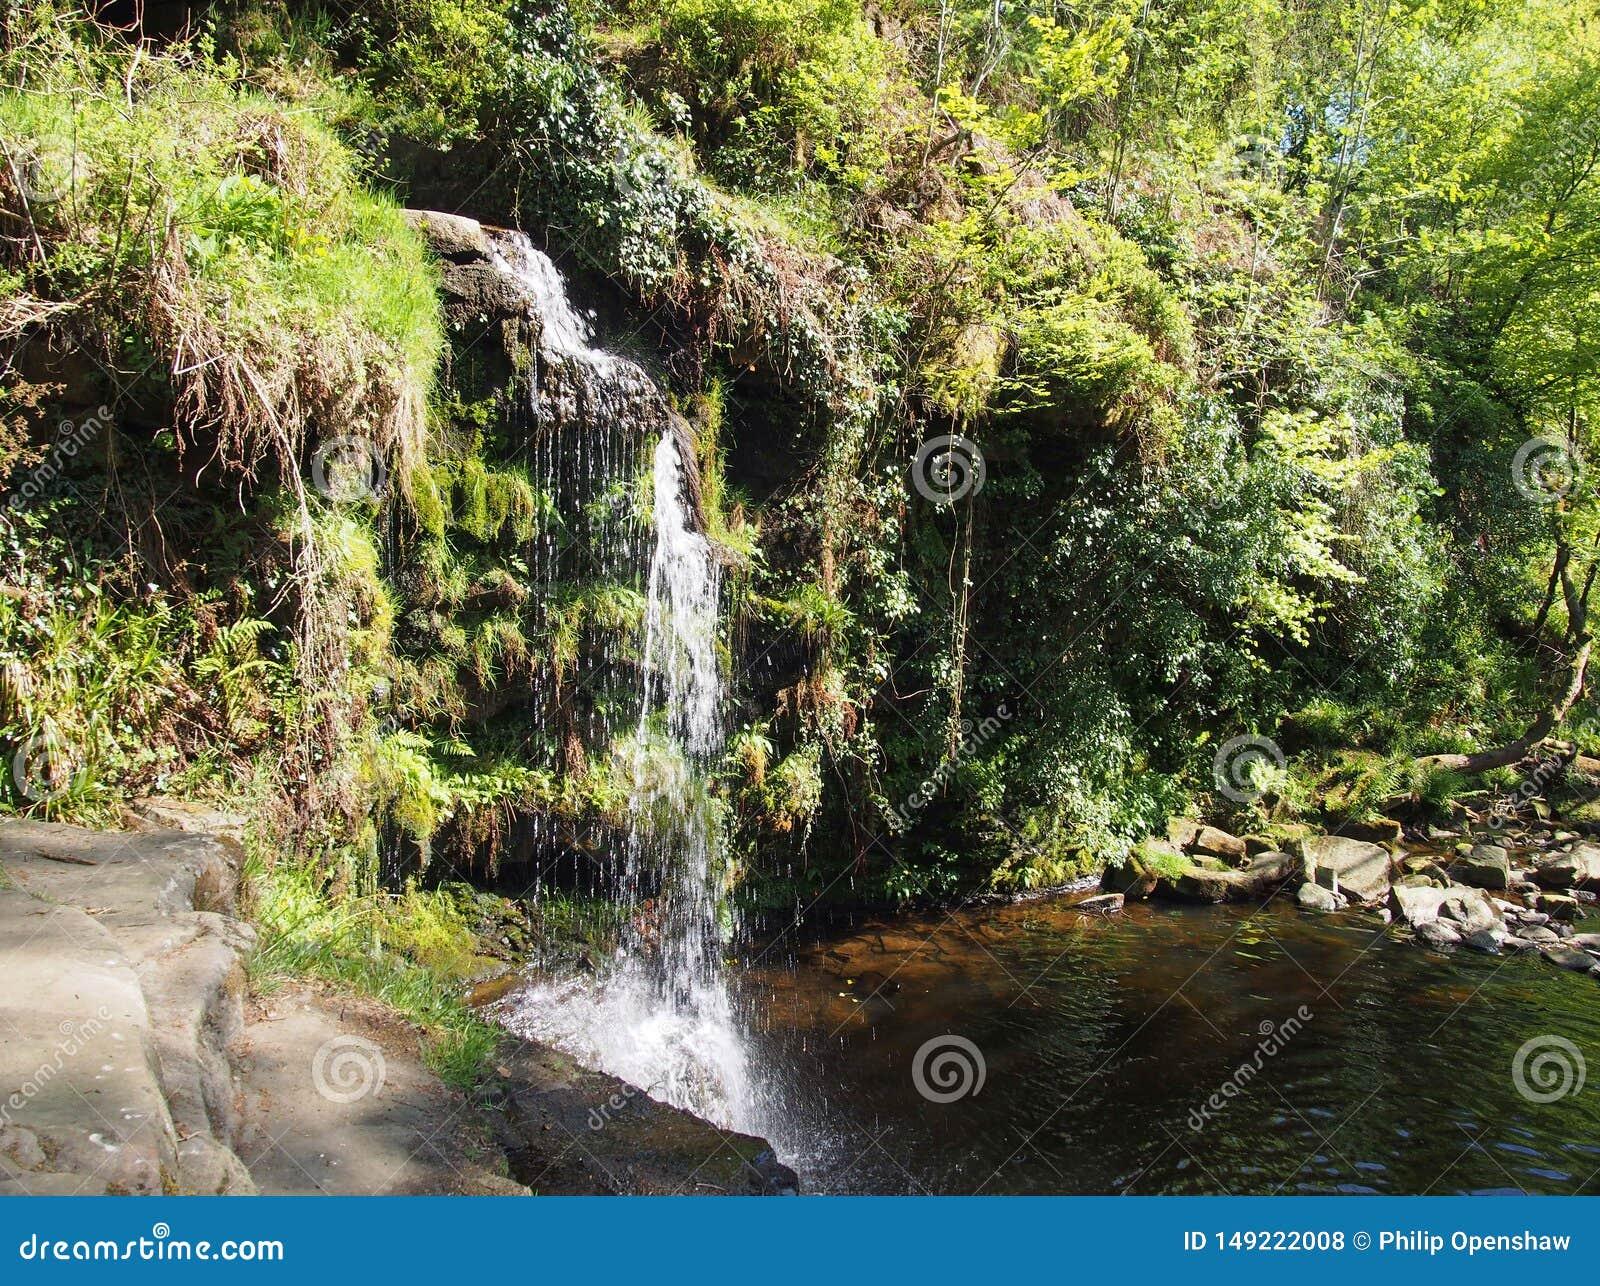 Le trou de Lumb tombe cascade dans la région boisée au doyen de crimsworth près du pecket bien dans le calderdale West Yorkshire